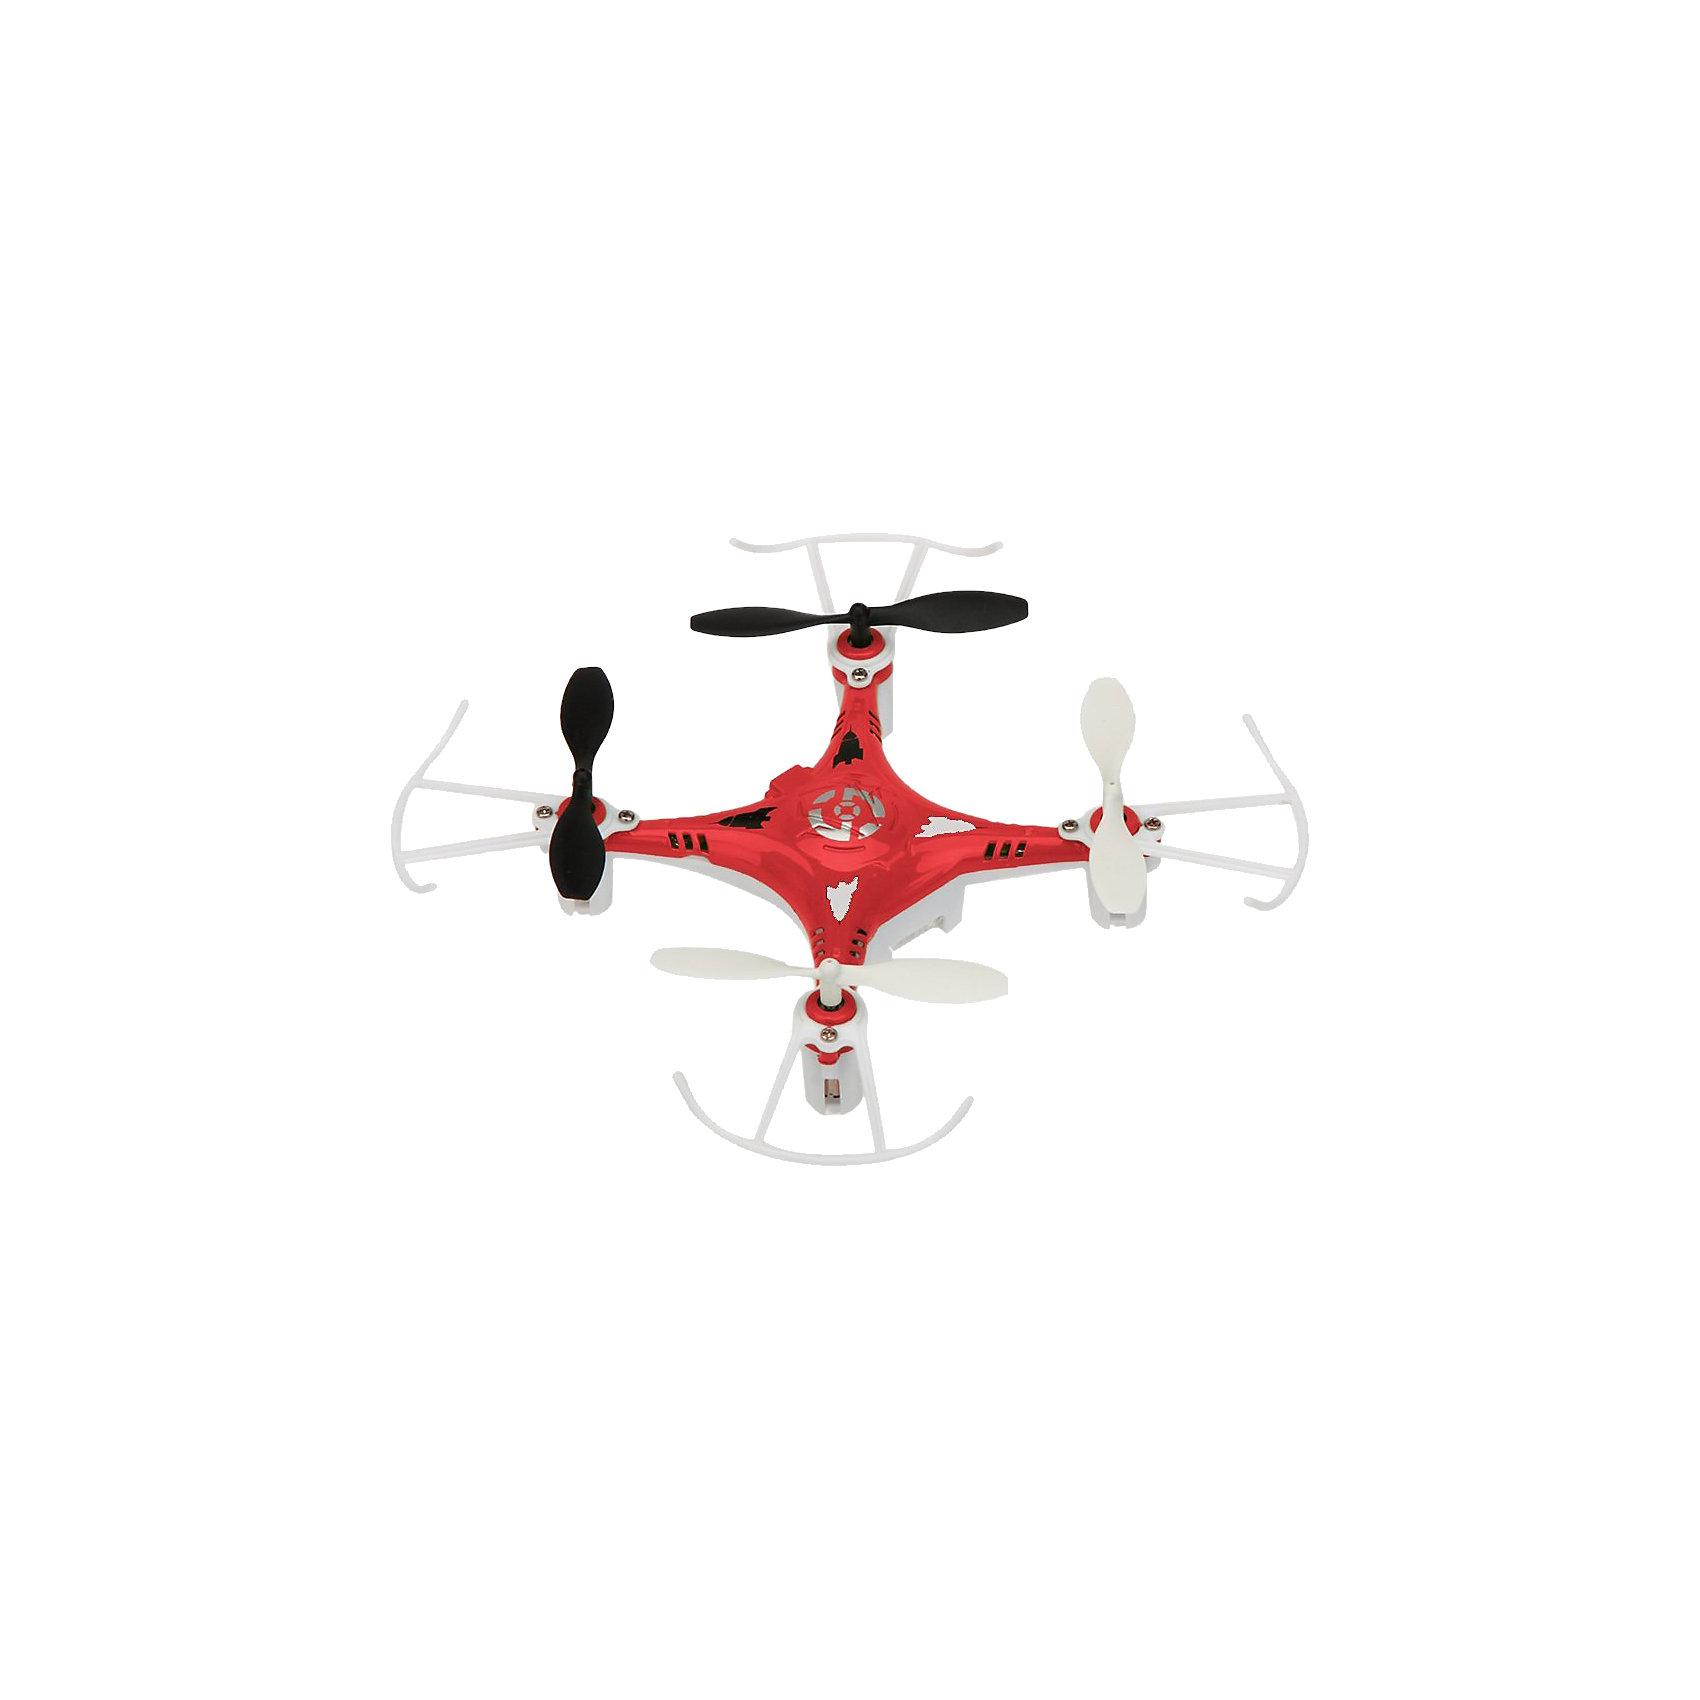 Квадрокоптер X7, красный, Blue SeaРадиоуправляемый транспорт<br>Квадрокоптер X7, красный, Blue Sea<br><br>Характеристики:<br><br>• Частота от: 2.4 Гц<br>• Радиус действия пульта управления: 50 м<br>• Тип аккумулятора: Li-poly<br>• Емкость аккумулятора: 350 мАч<br>• Время полета: 5-8 минут<br>• В набор входит: квадрокоптер Х7, пульт управления, USB-шнур, запасные детали, инструкция<br>• Цвет: красный<br><br>Этот квадрокоптер подходит для использования начинающими пилотами, благодаря своей невысокой цене и отличным полетным характеристикам. Он имеет инфракрасное четырехканальное управление и компактные размеры. В дополнение данная модель оснащена дополнительной защитой, которая сохраняет его устойчивость при ударах и падениях, поэтому его удобно использовать не только на улице, но и в помещении. <br><br>Благодаря оснащению 6-осевым гироскопом он способен переворачиваться в воздухе на 360 градусов. Это простая в использовании, но очень эффективная модель, которая позволит приобщиться к миру квадрокоптеров даже самому неопытному пилоту. Производить зарядку этого устройства можно через удобный USB-шнур. В комплекте есть все необходимое для того, чтобы быстро освоить предложенный функционал и начать его использовать.<br><br>Квадрокоптер X7, красный, Blue Sea можно купить в нашем интернет-магазине.<br><br>Ширина мм: 170<br>Глубина мм: 187<br>Высота мм: 95<br>Вес г: 306<br>Возраст от месяцев: 96<br>Возраст до месяцев: 2147483647<br>Пол: Унисекс<br>Возраст: Детский<br>SKU: 5430828